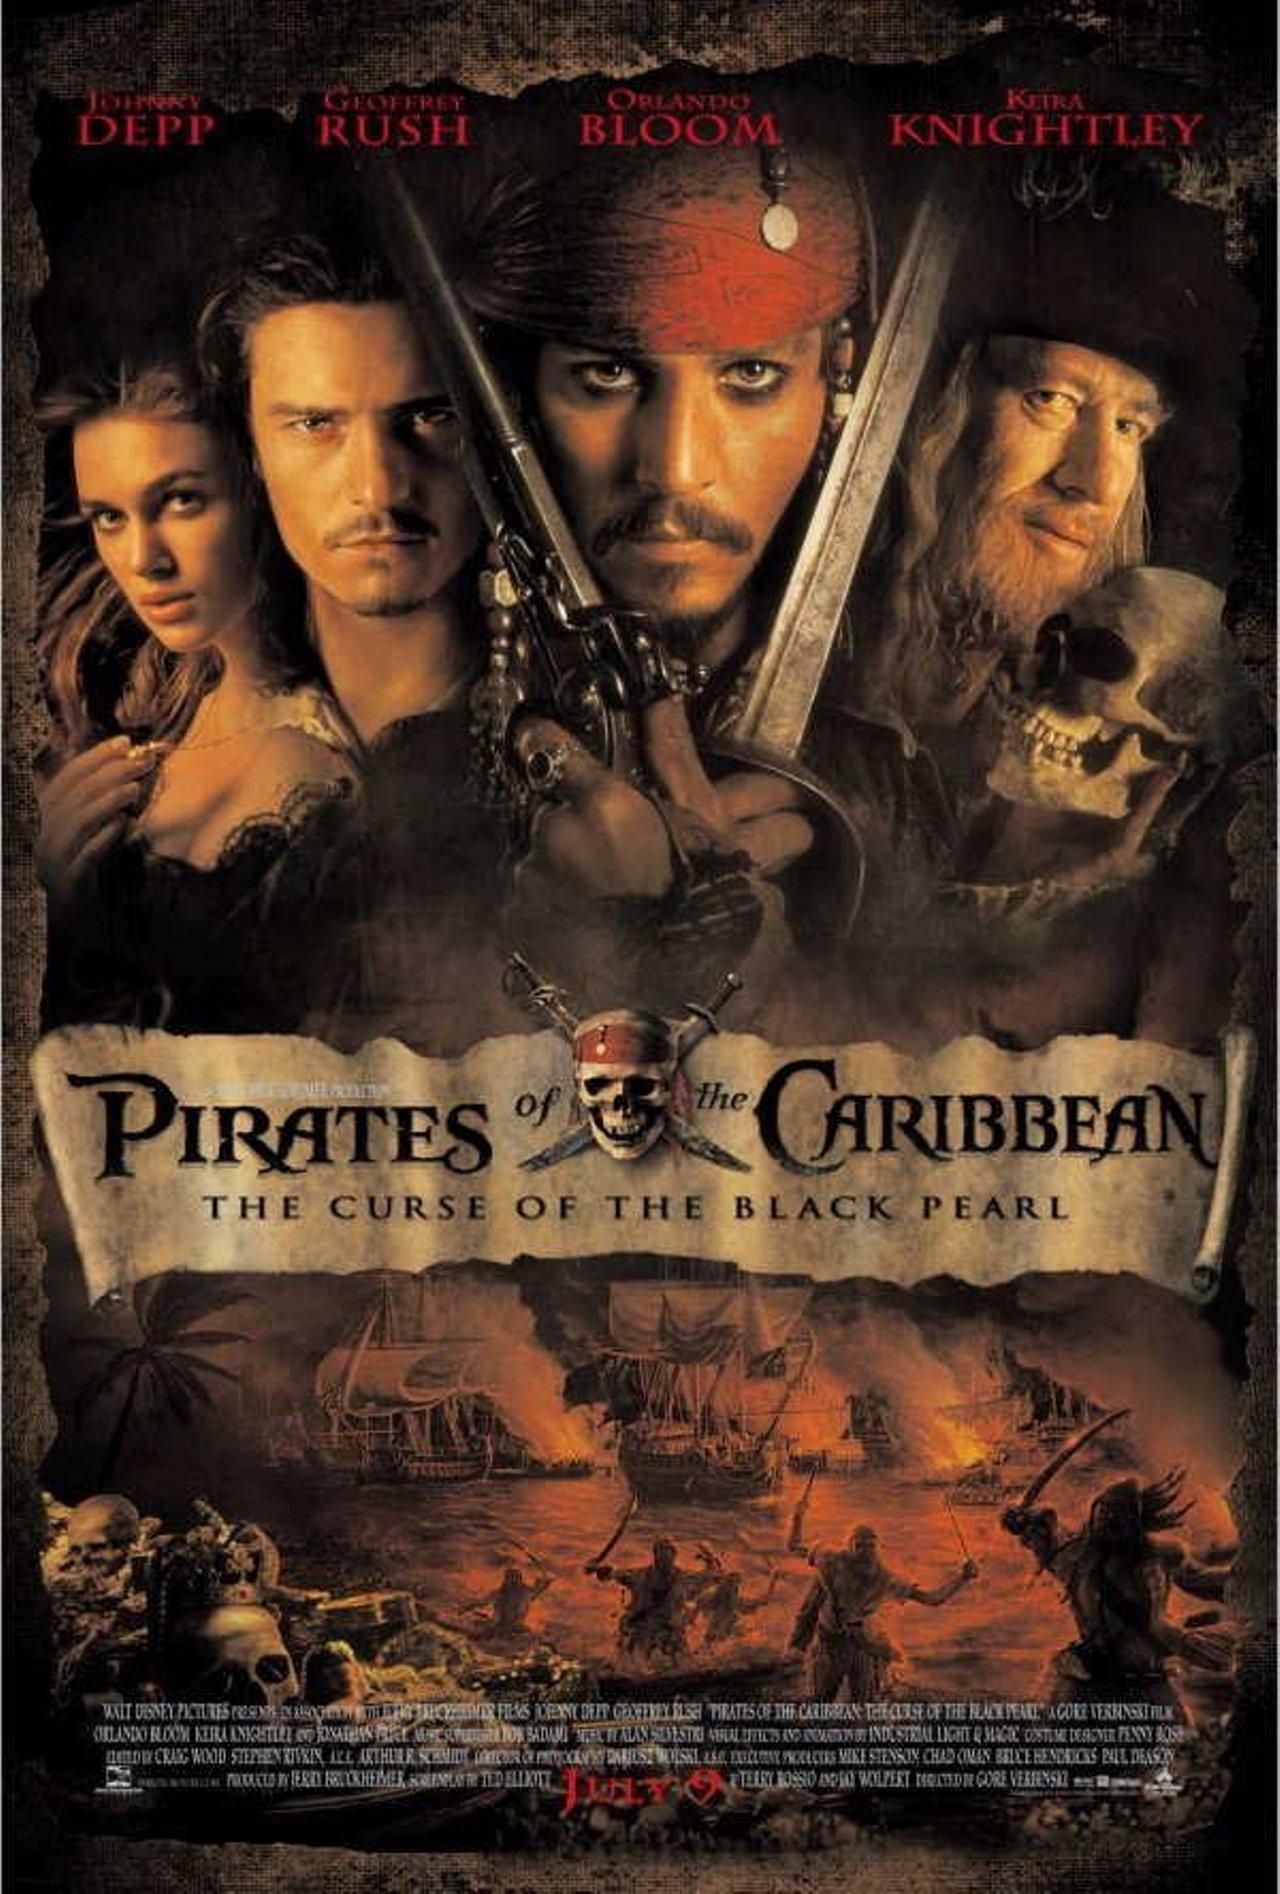 دانلود دوبله فارسی فیلم Pirates of the Caribbean The